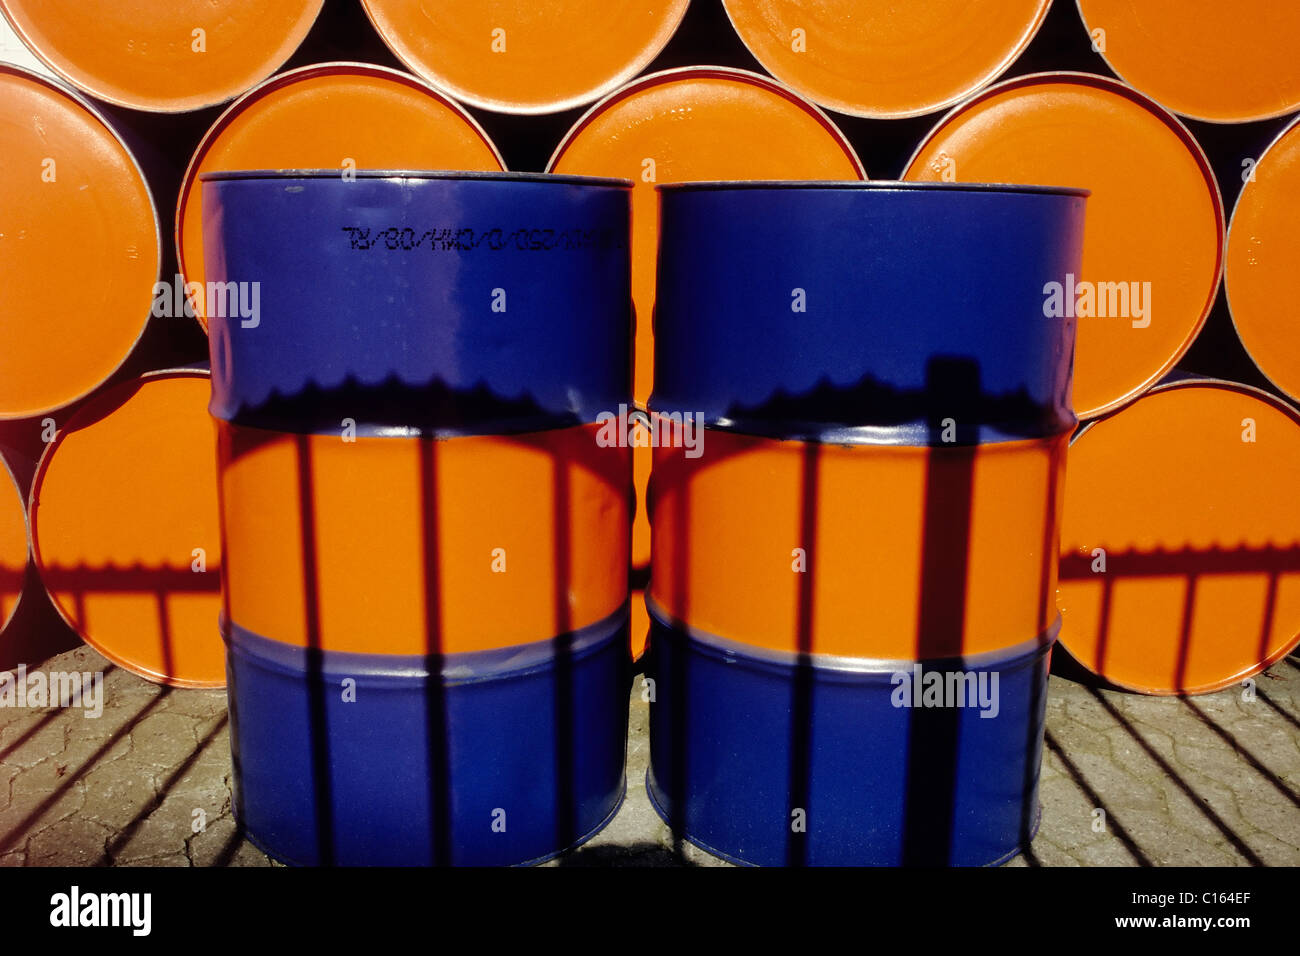 Montante due fusti di olio dipinto di due colori in piedi di fronte a una fila di una pila di fusti di olio Immagini Stock